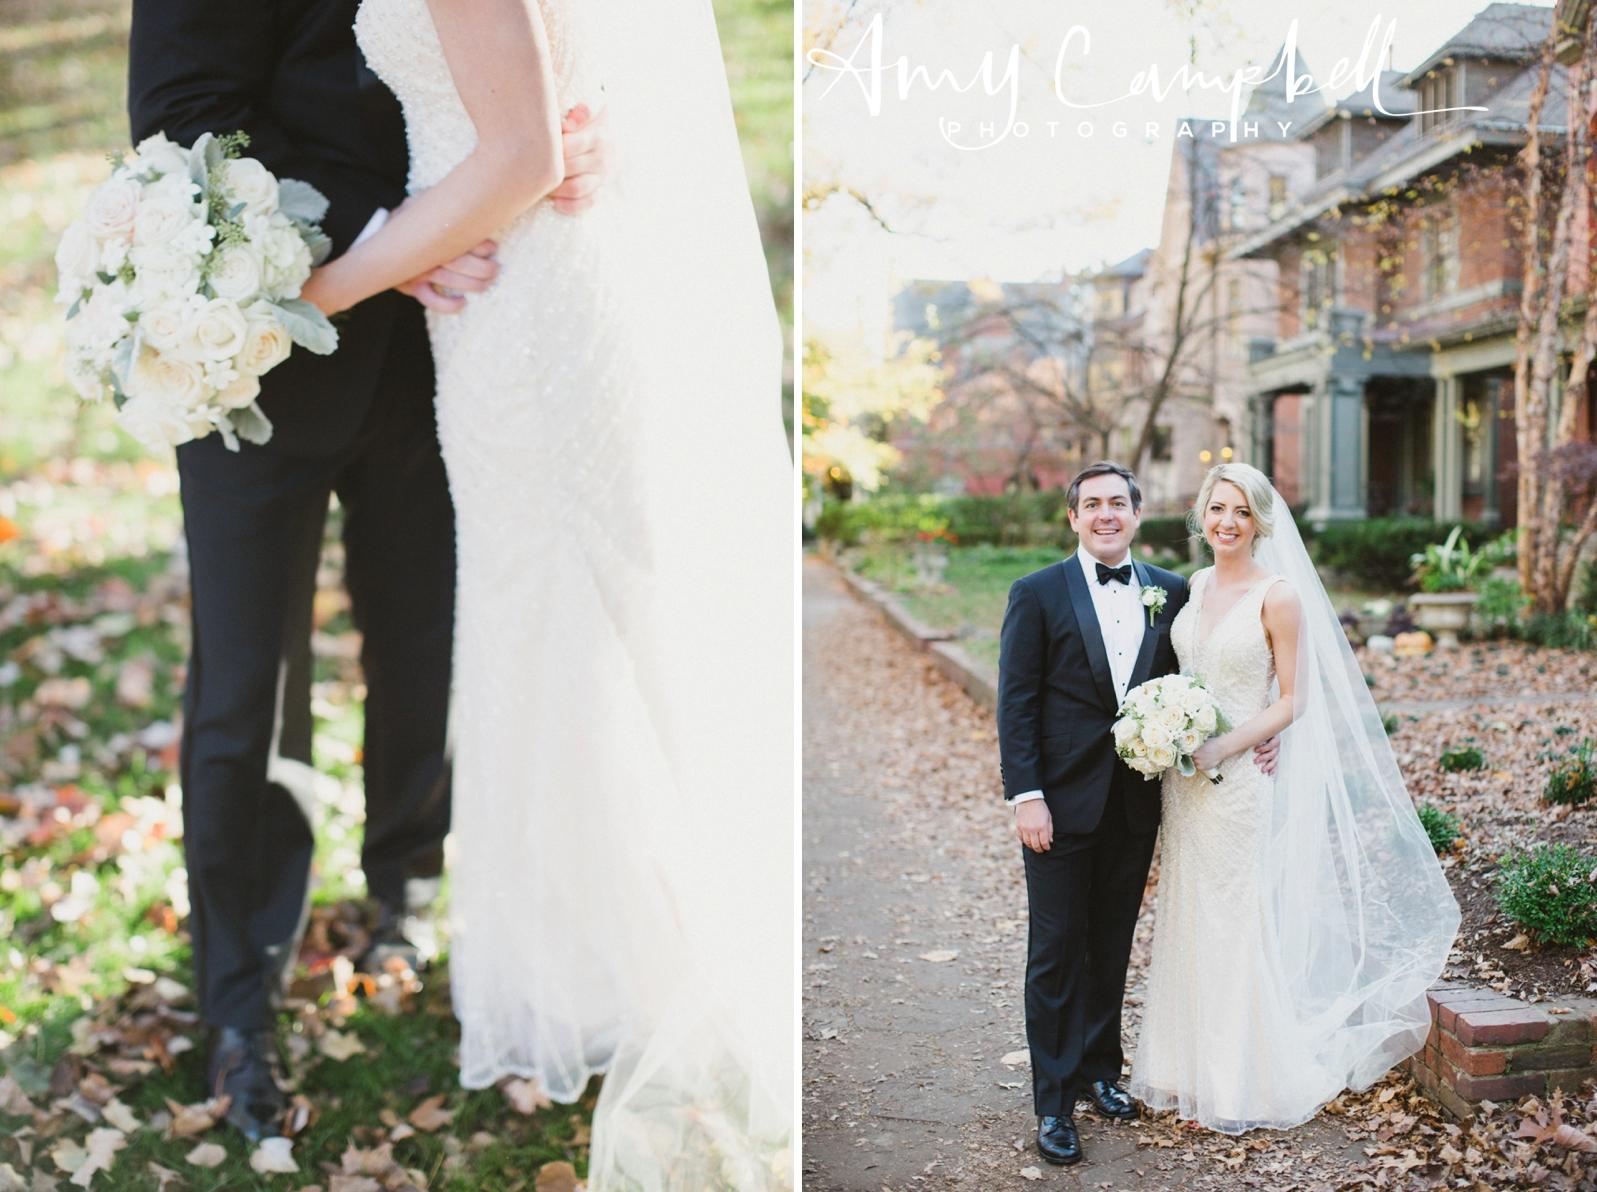 emmakyle_wedding_fb_amycampbellphotography_0031.jpg